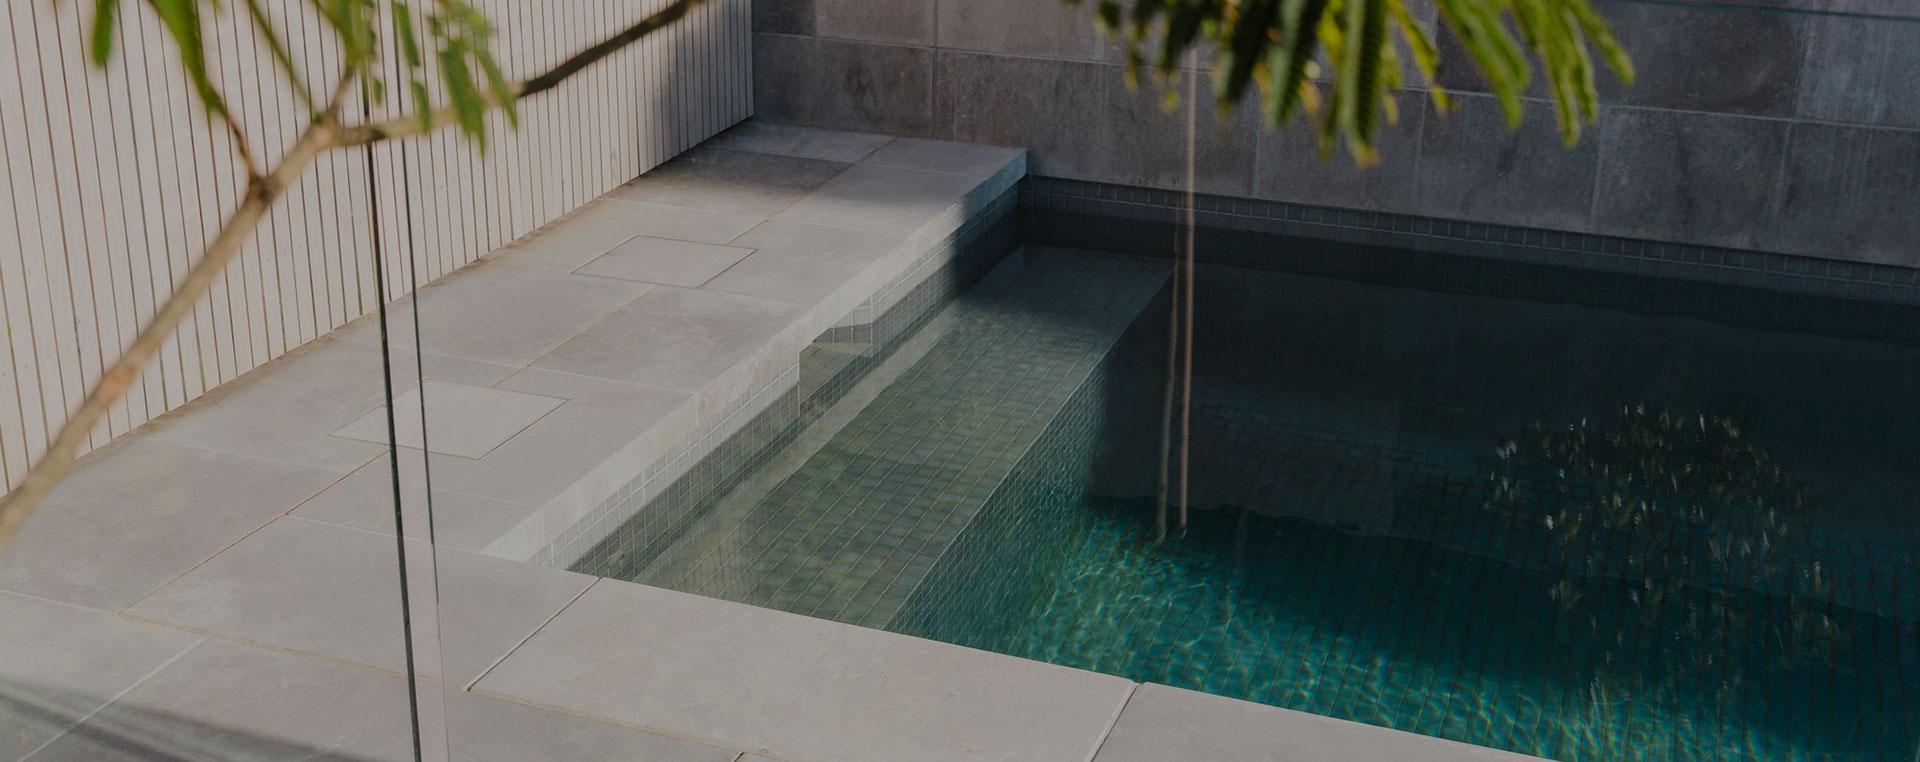 Melbourne Landscape Design and Construction